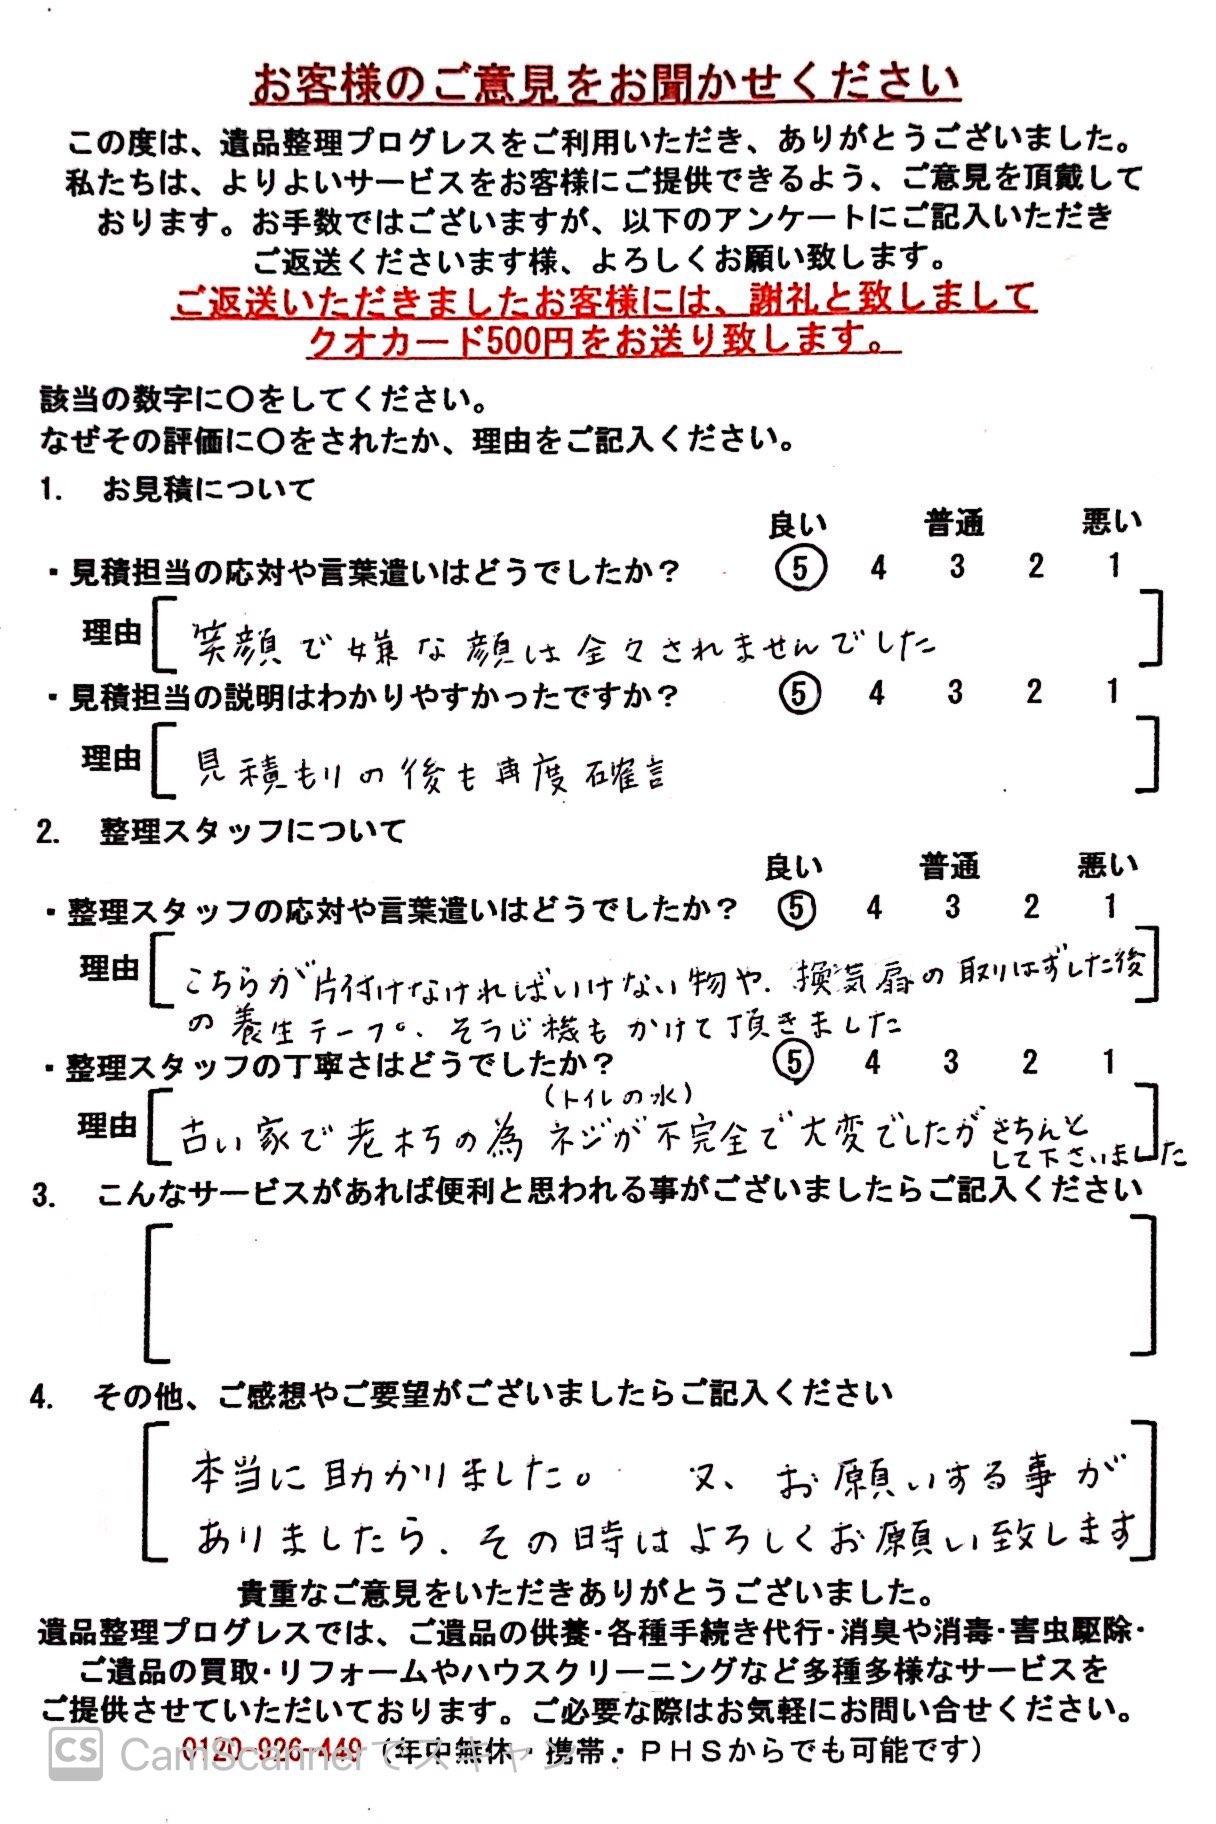 大阪府河内長野市 D・K様のアンケート用紙